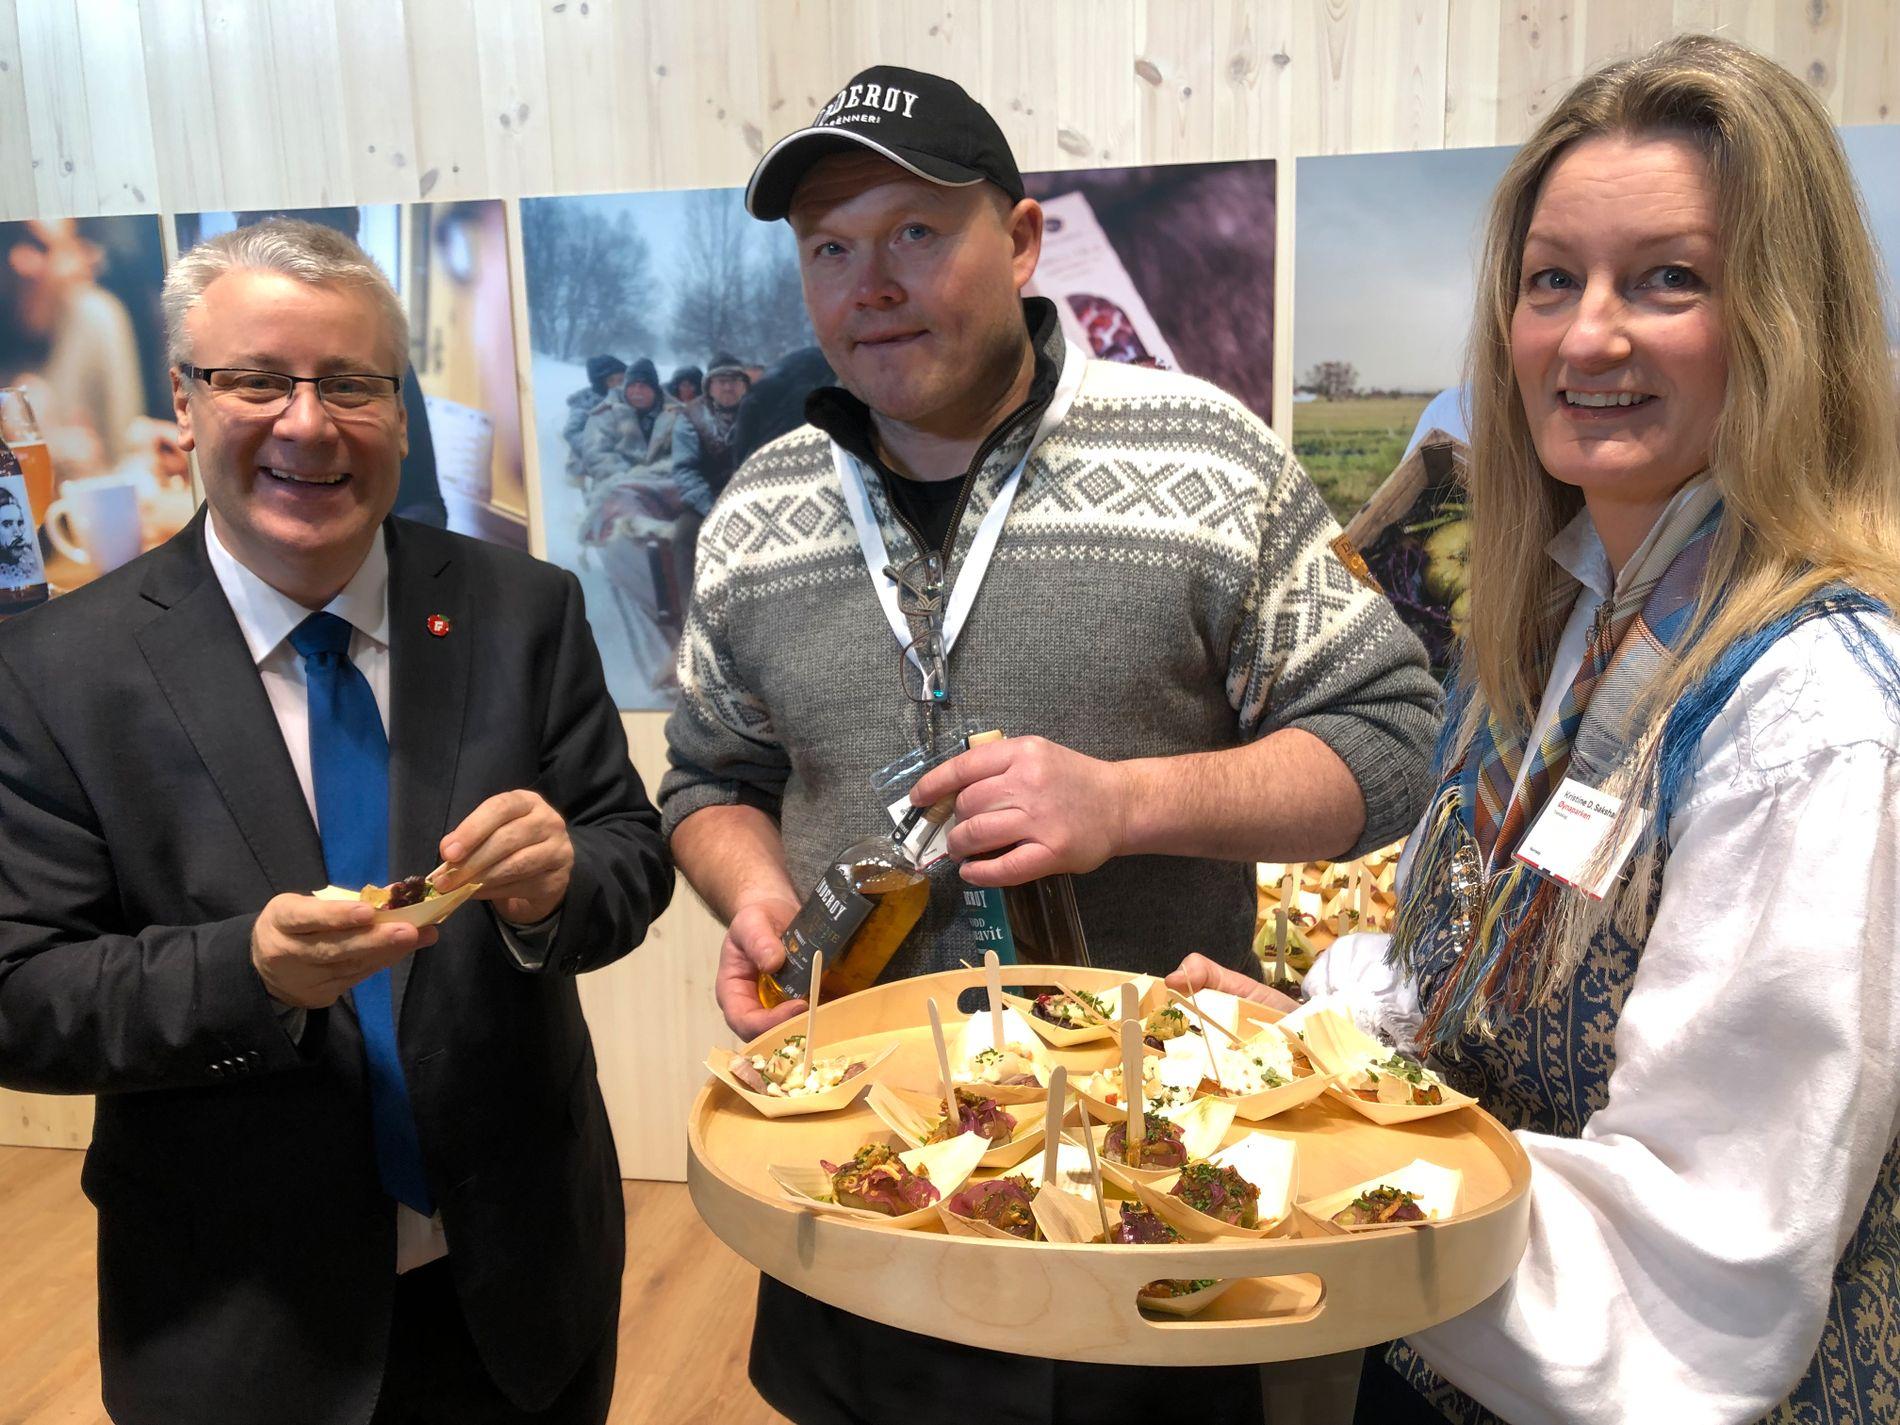 BÅRD I BERLIN:  Landbruks- og matminister Bård Hoksrud besøkte også matleverandør Øynaparken fra Trøndelag-regionen på Grüne Woche da han var i Berlin.